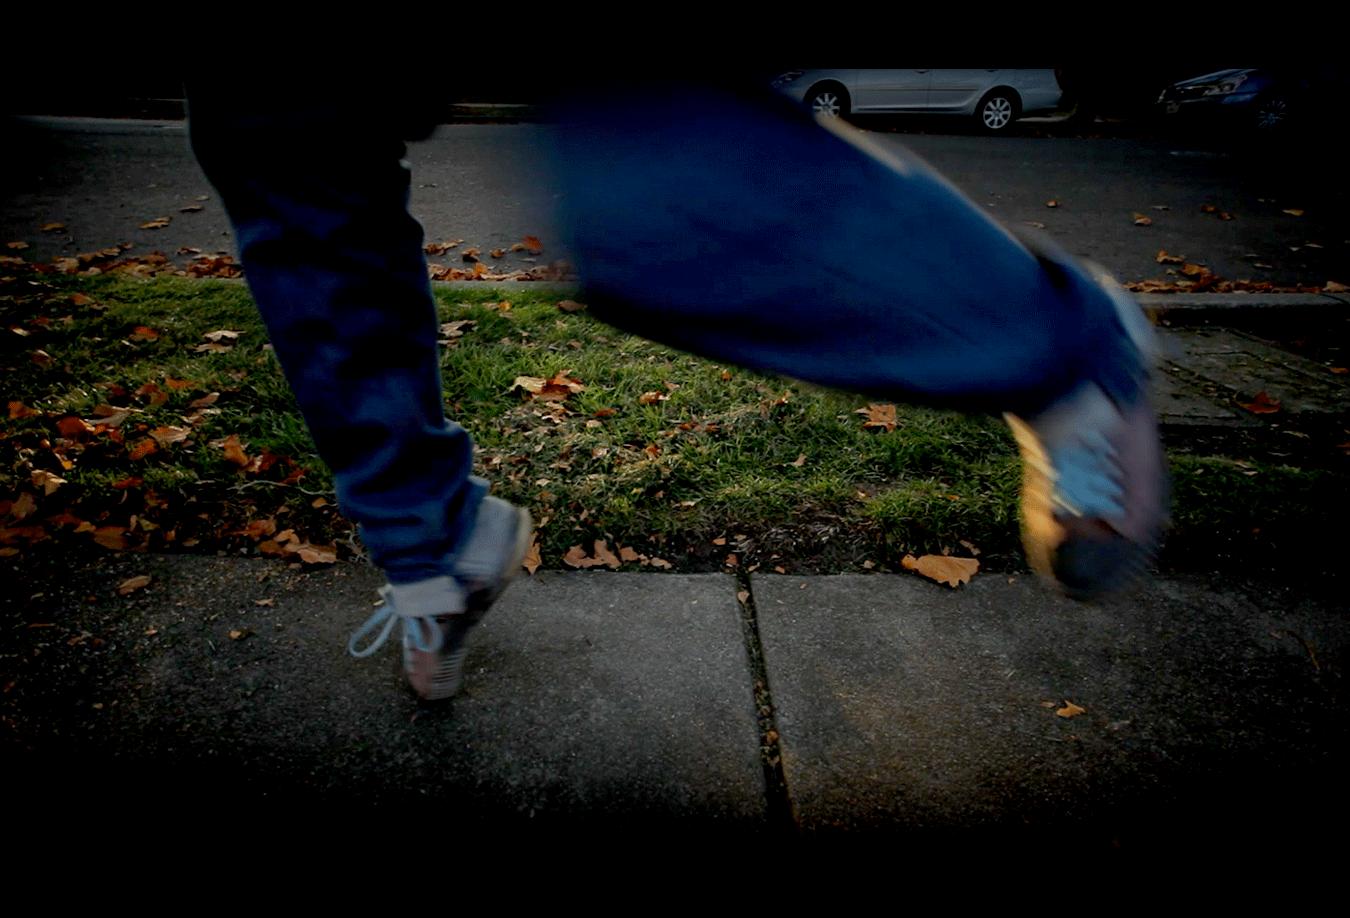 feet-MODforPostcard.png